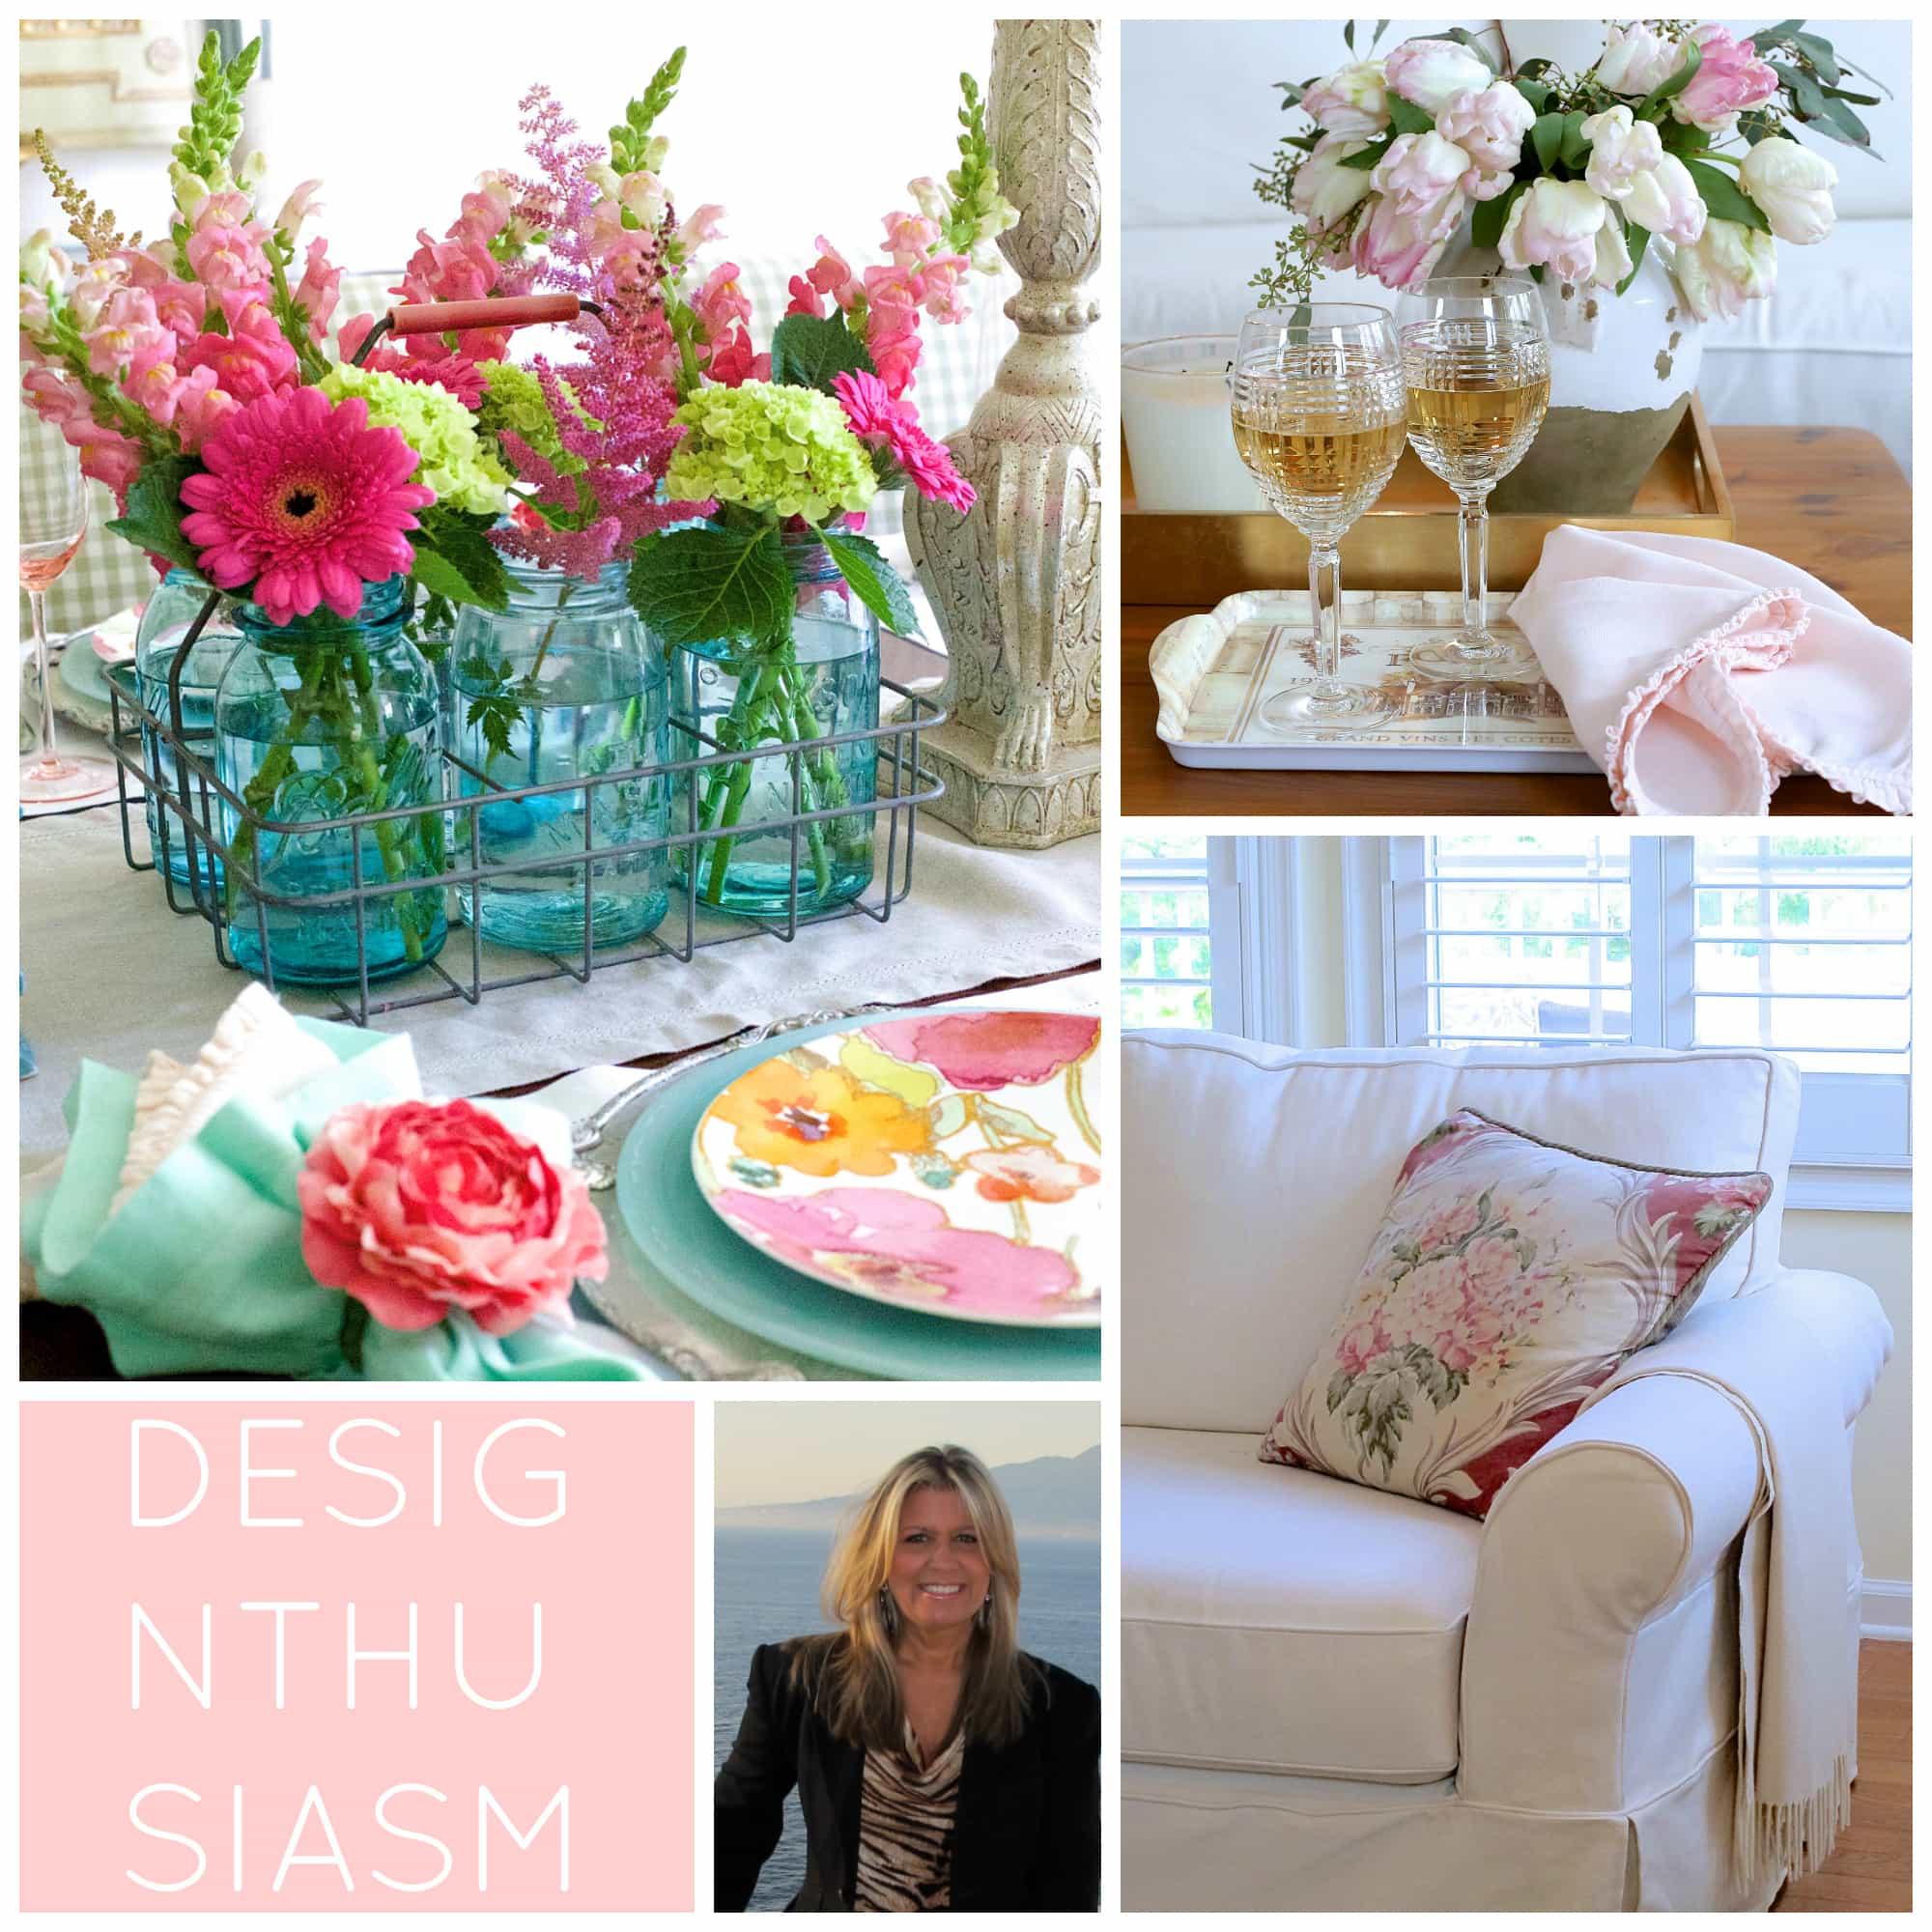 Home Decor Ideas   Designthusiasm.com